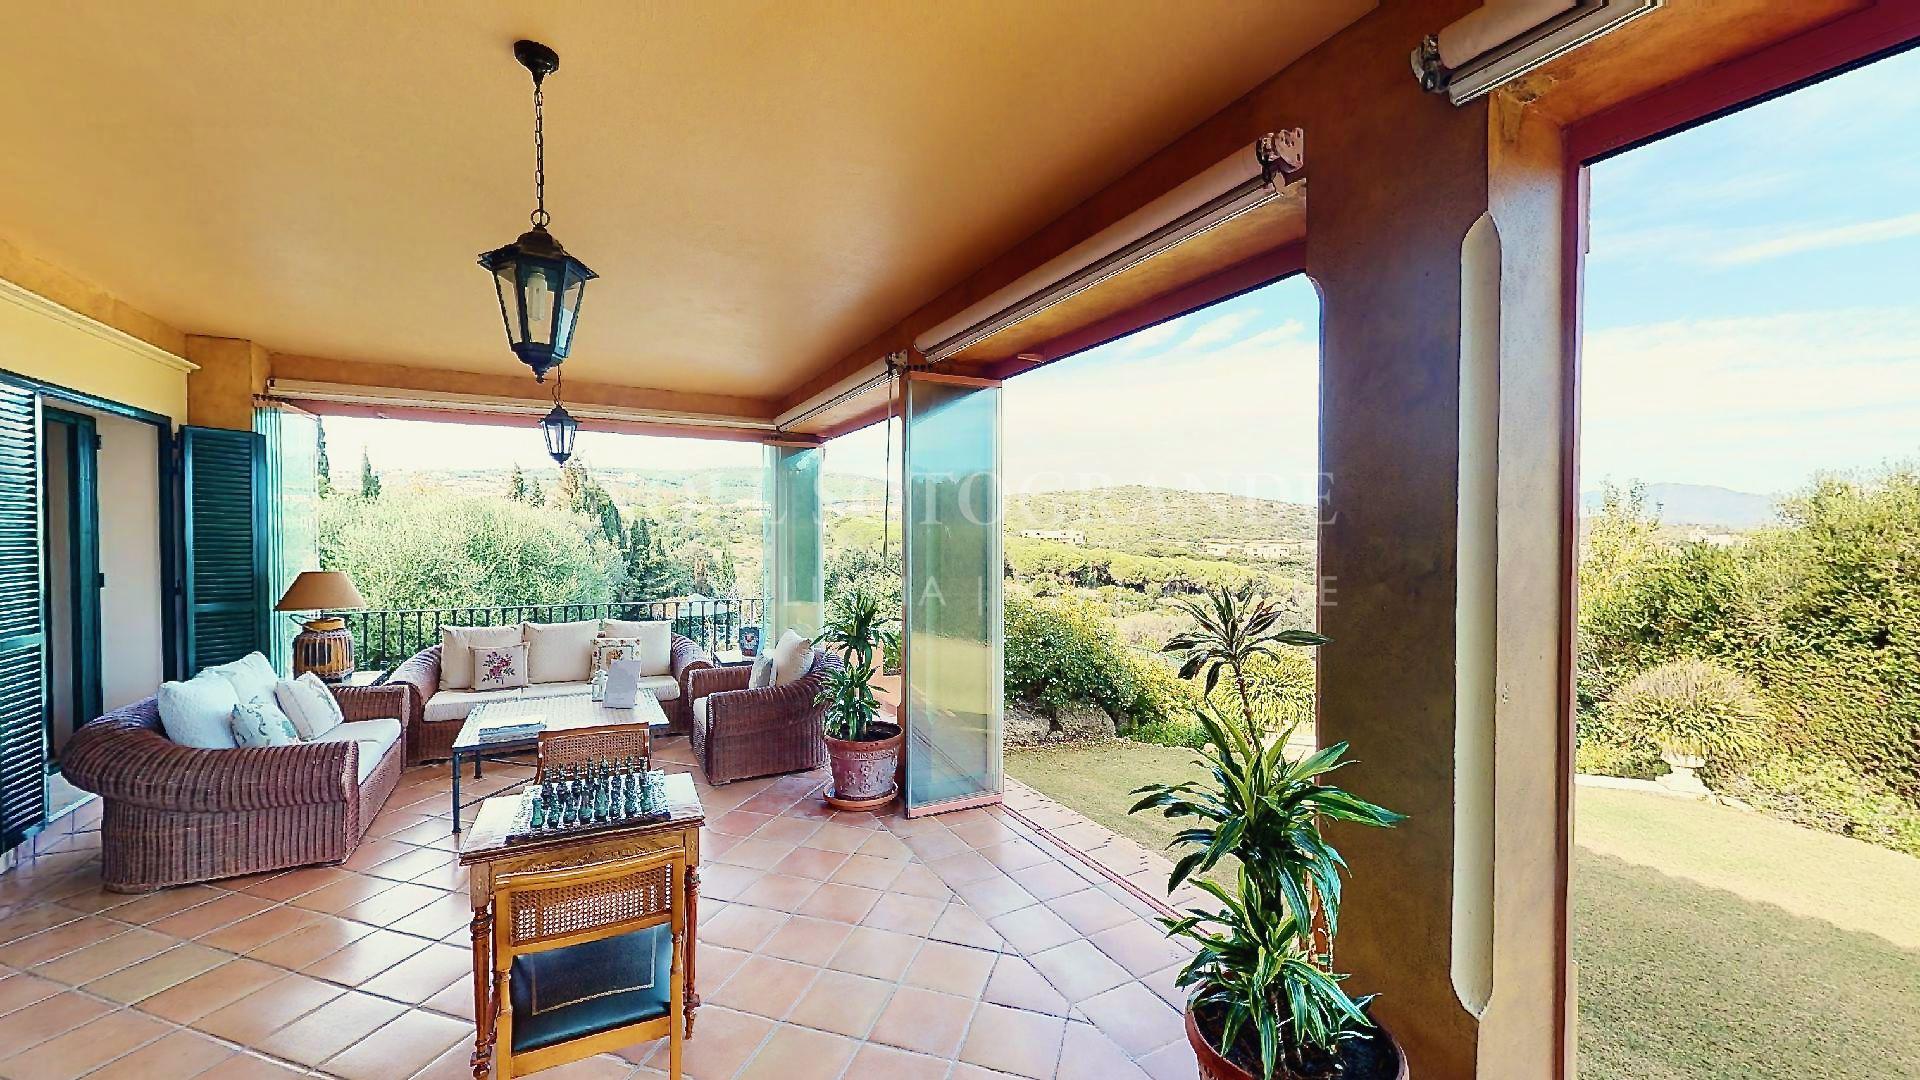 Große Villa im andalusischen Stil in Sotogrande Alto